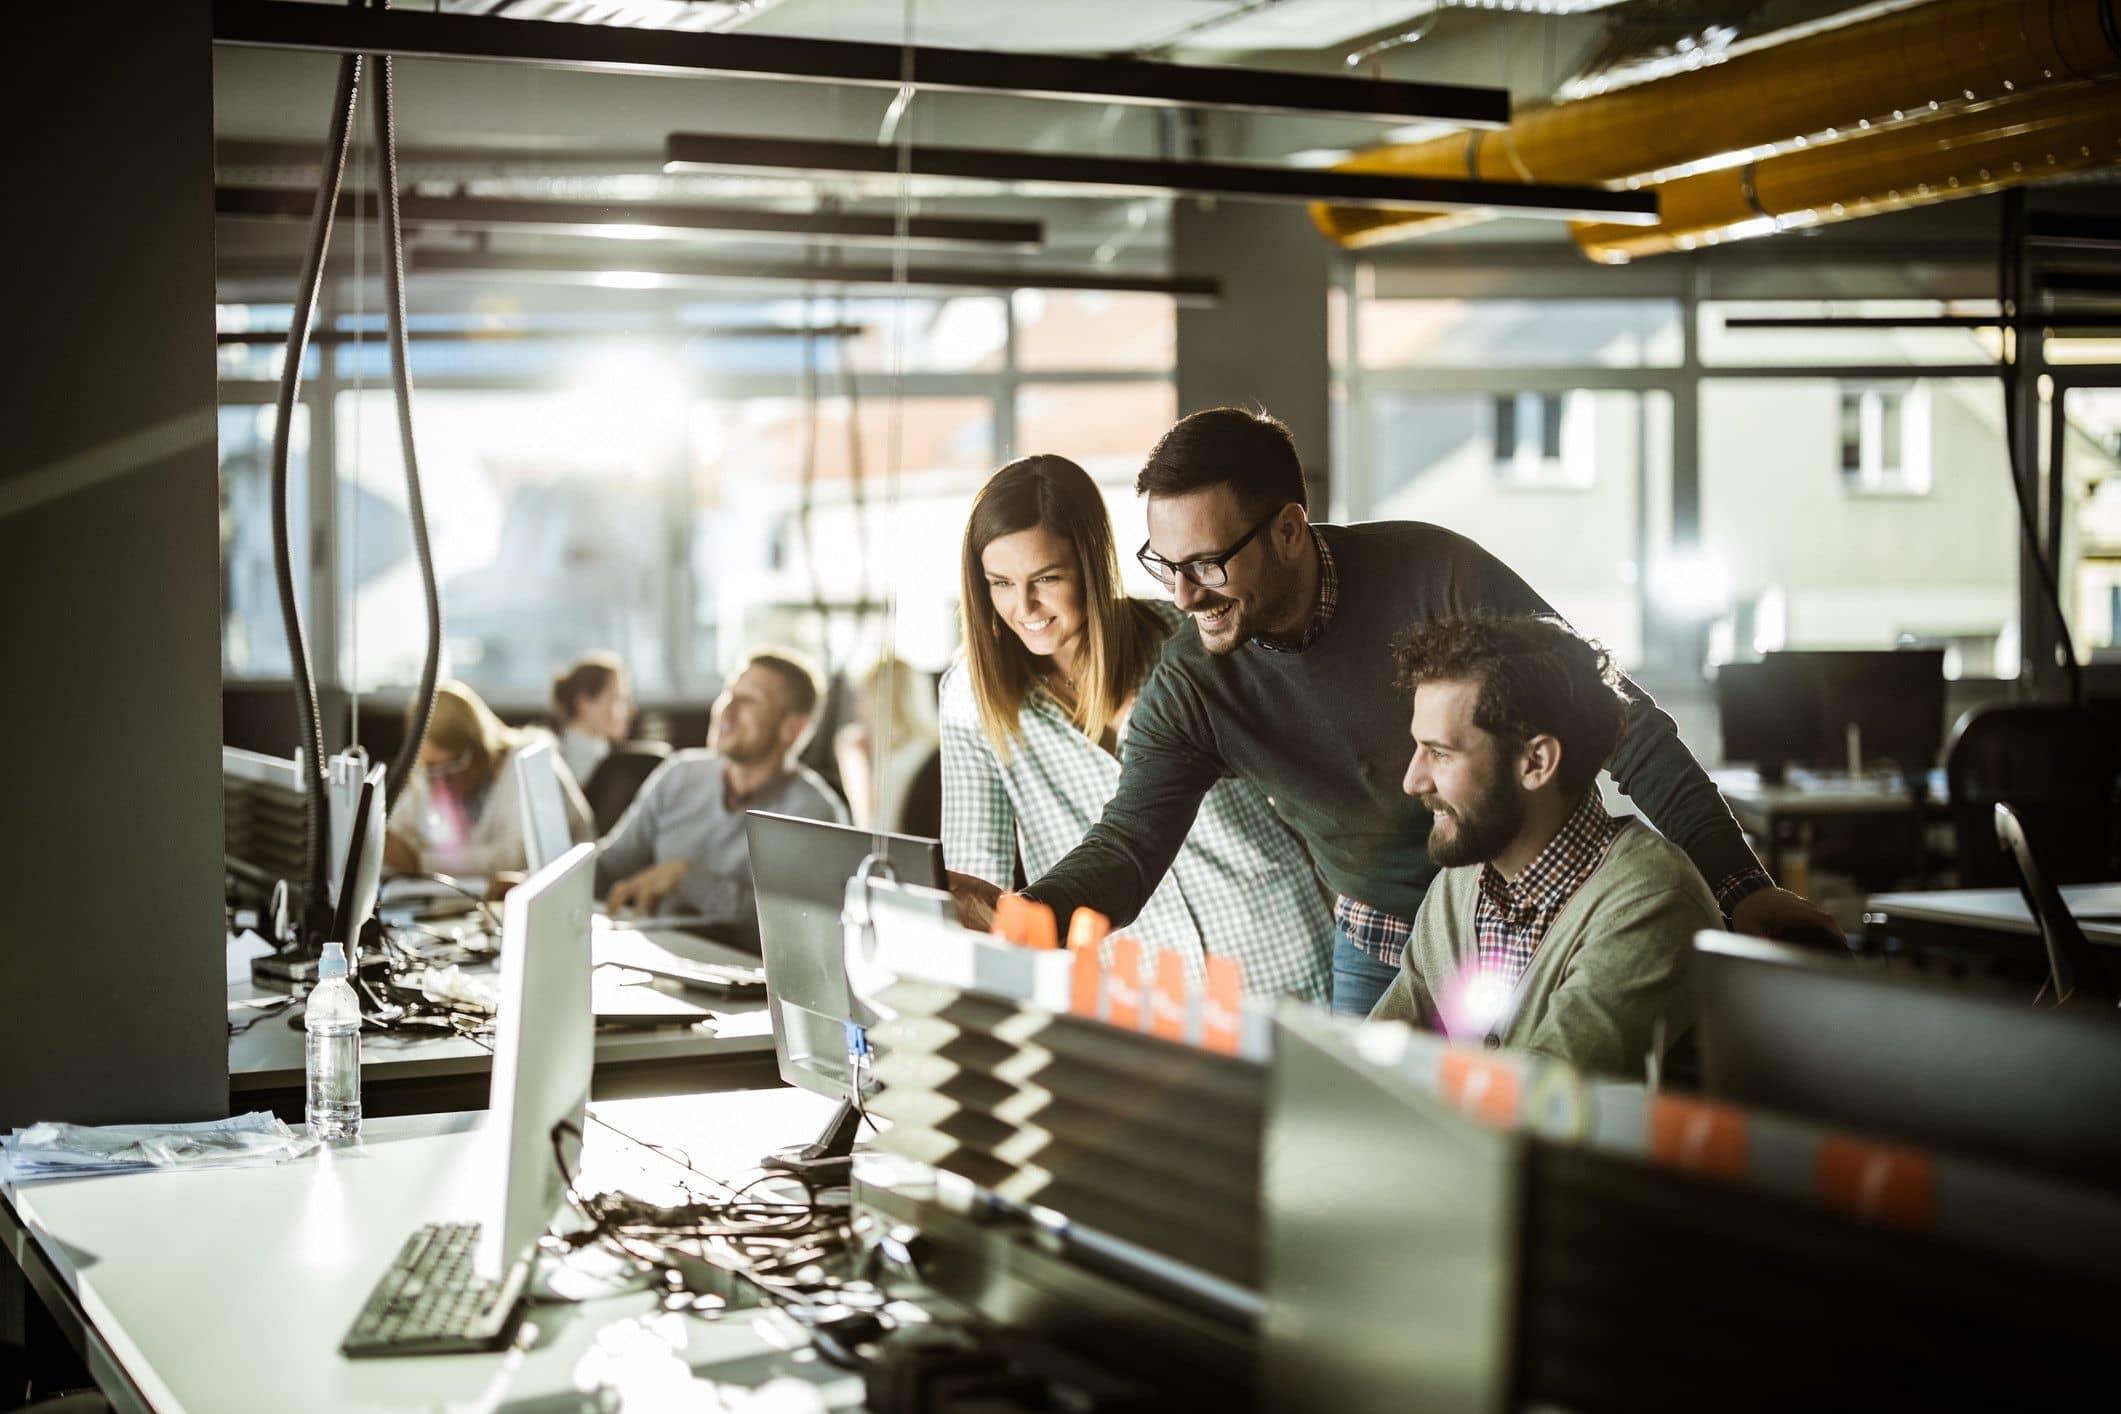 Desenvolvedor de negócios: o que faz e qual a importância desse profissional?